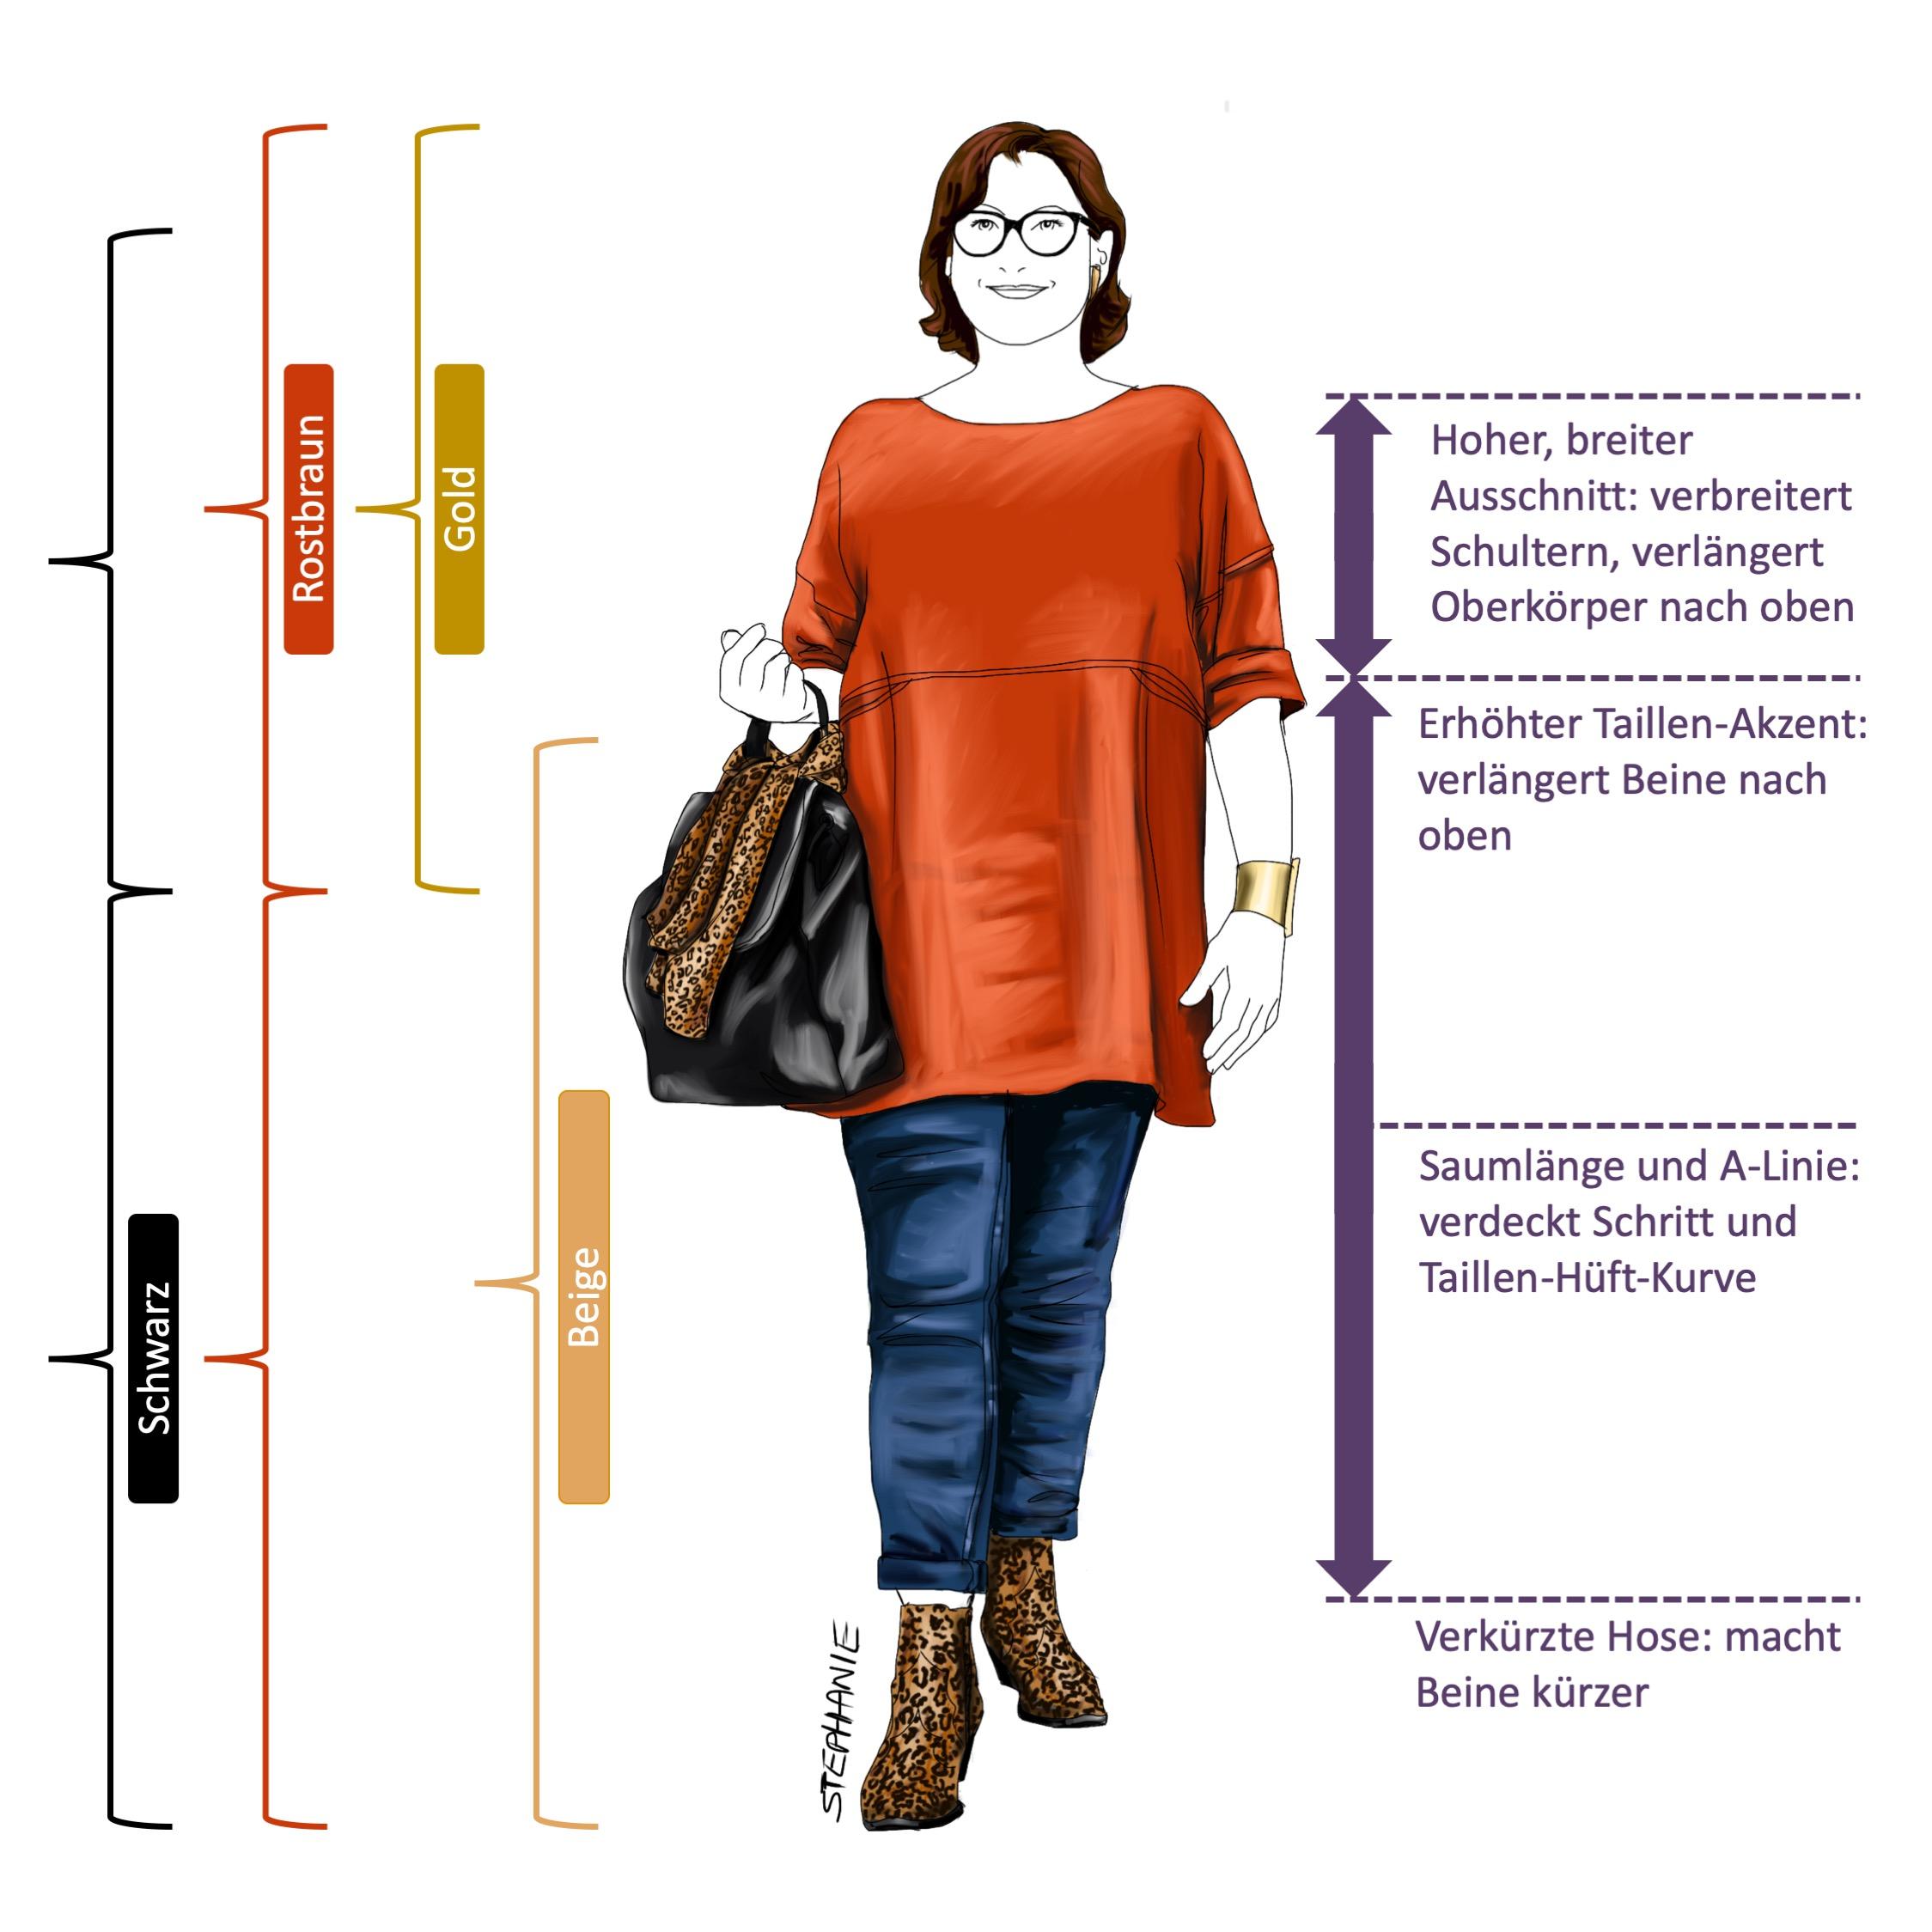 Lässiger Stil-Typ bei X-Figur: Farben und Proportionen